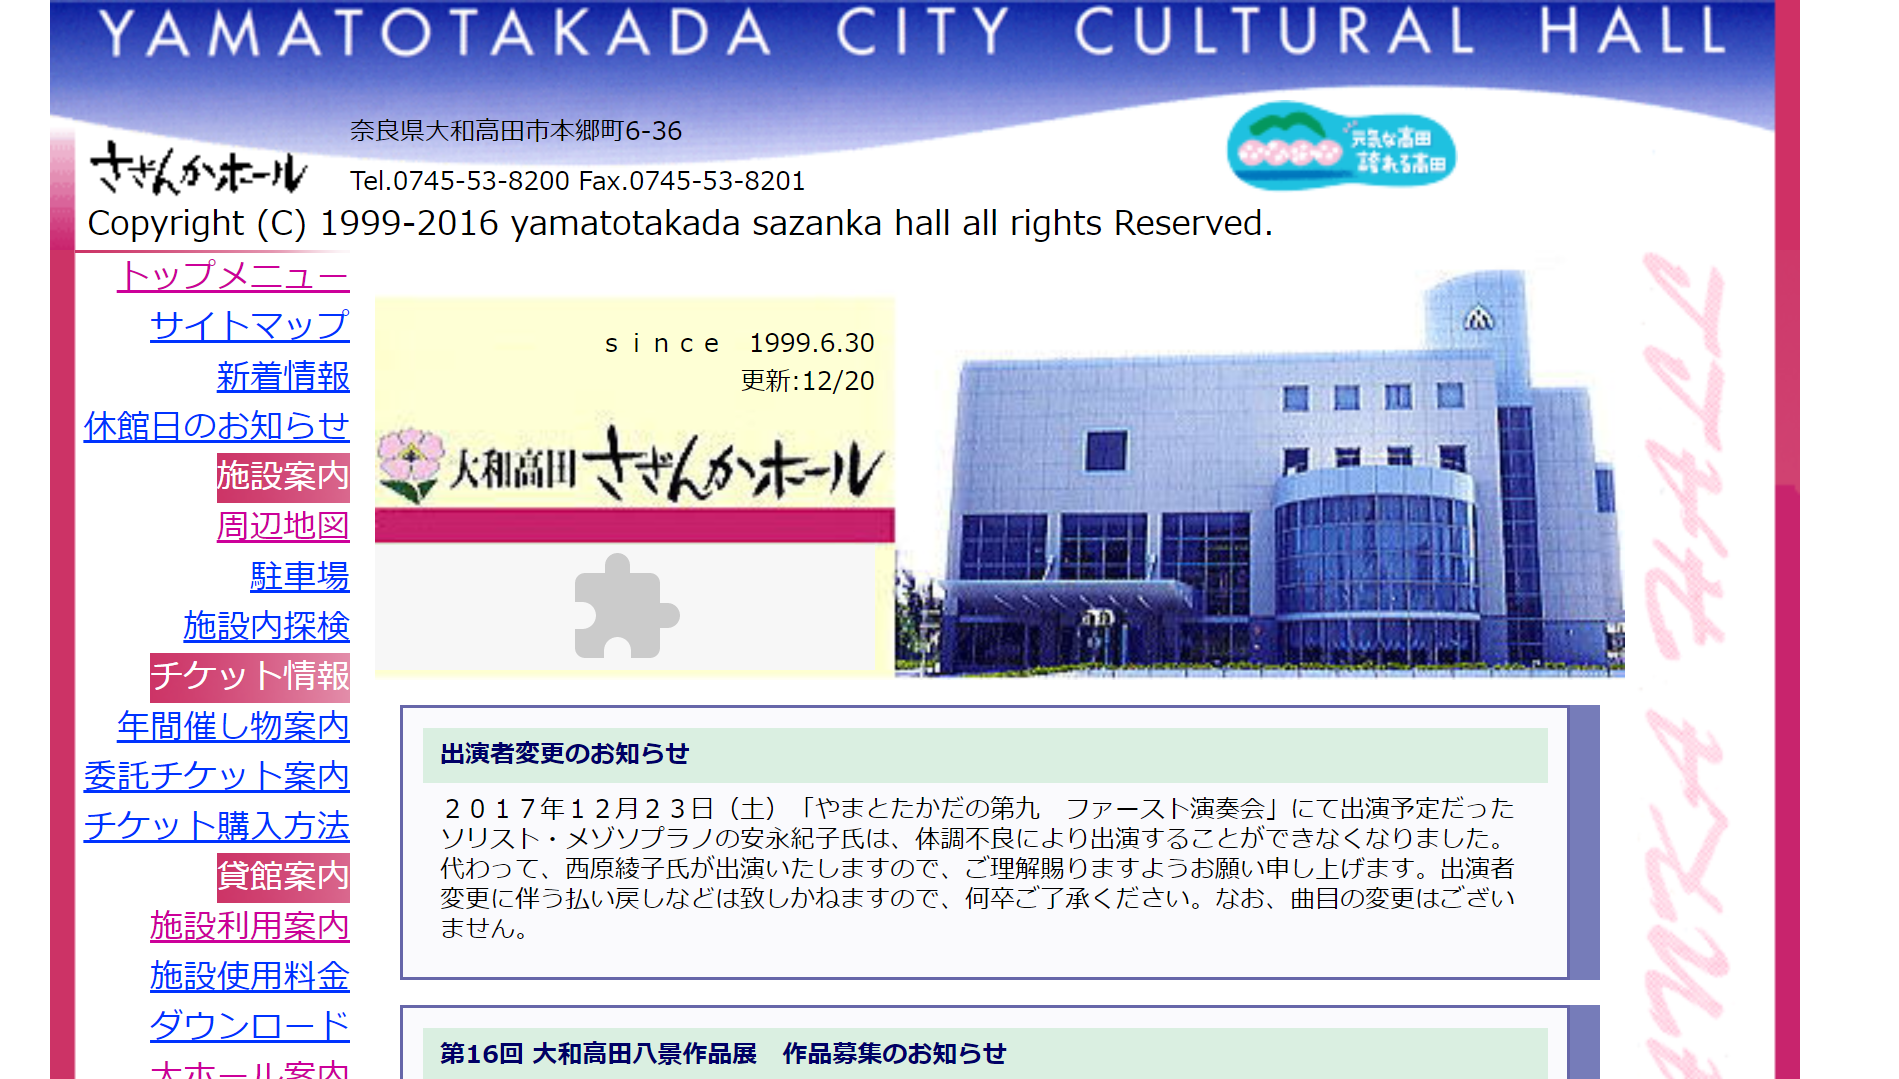 大和高田さざんかホールの座席表と会場情報